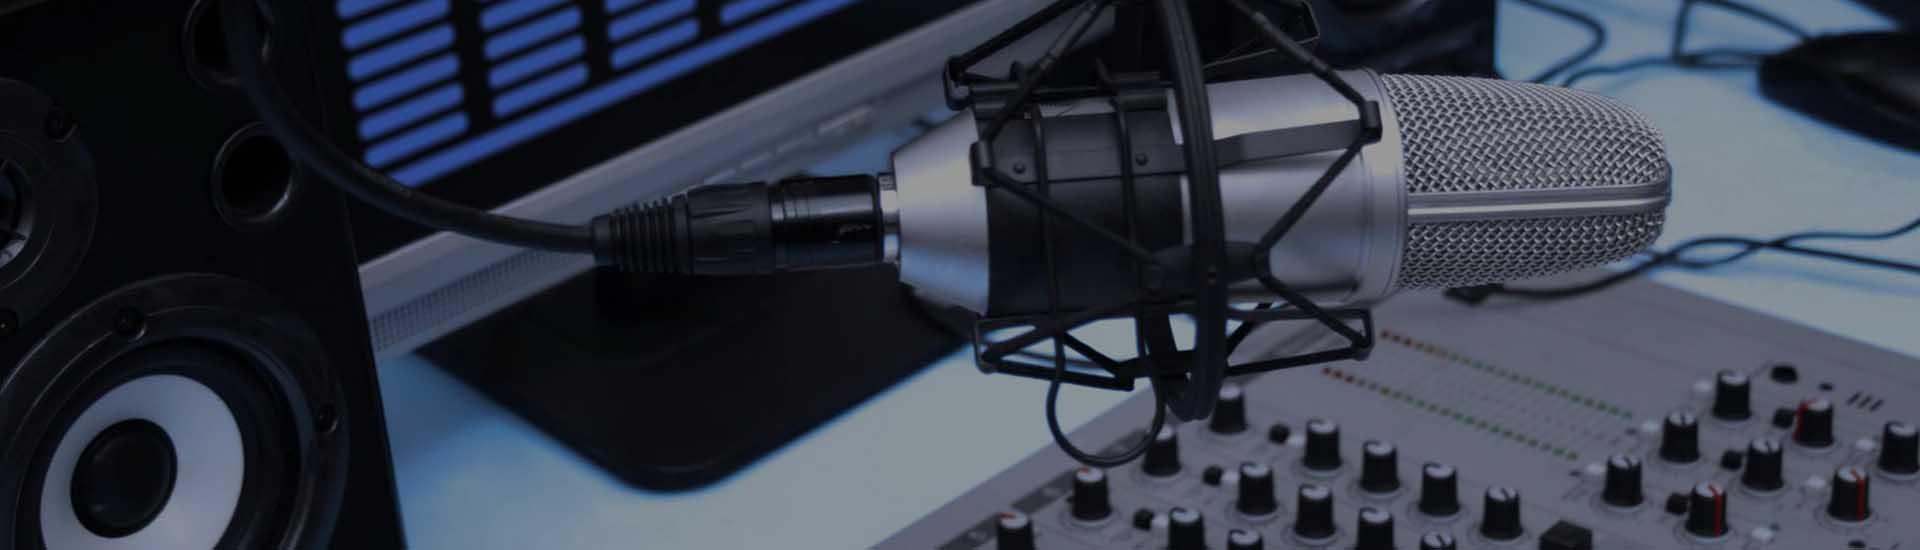 सामुदायिक रेडियो स्टेशन